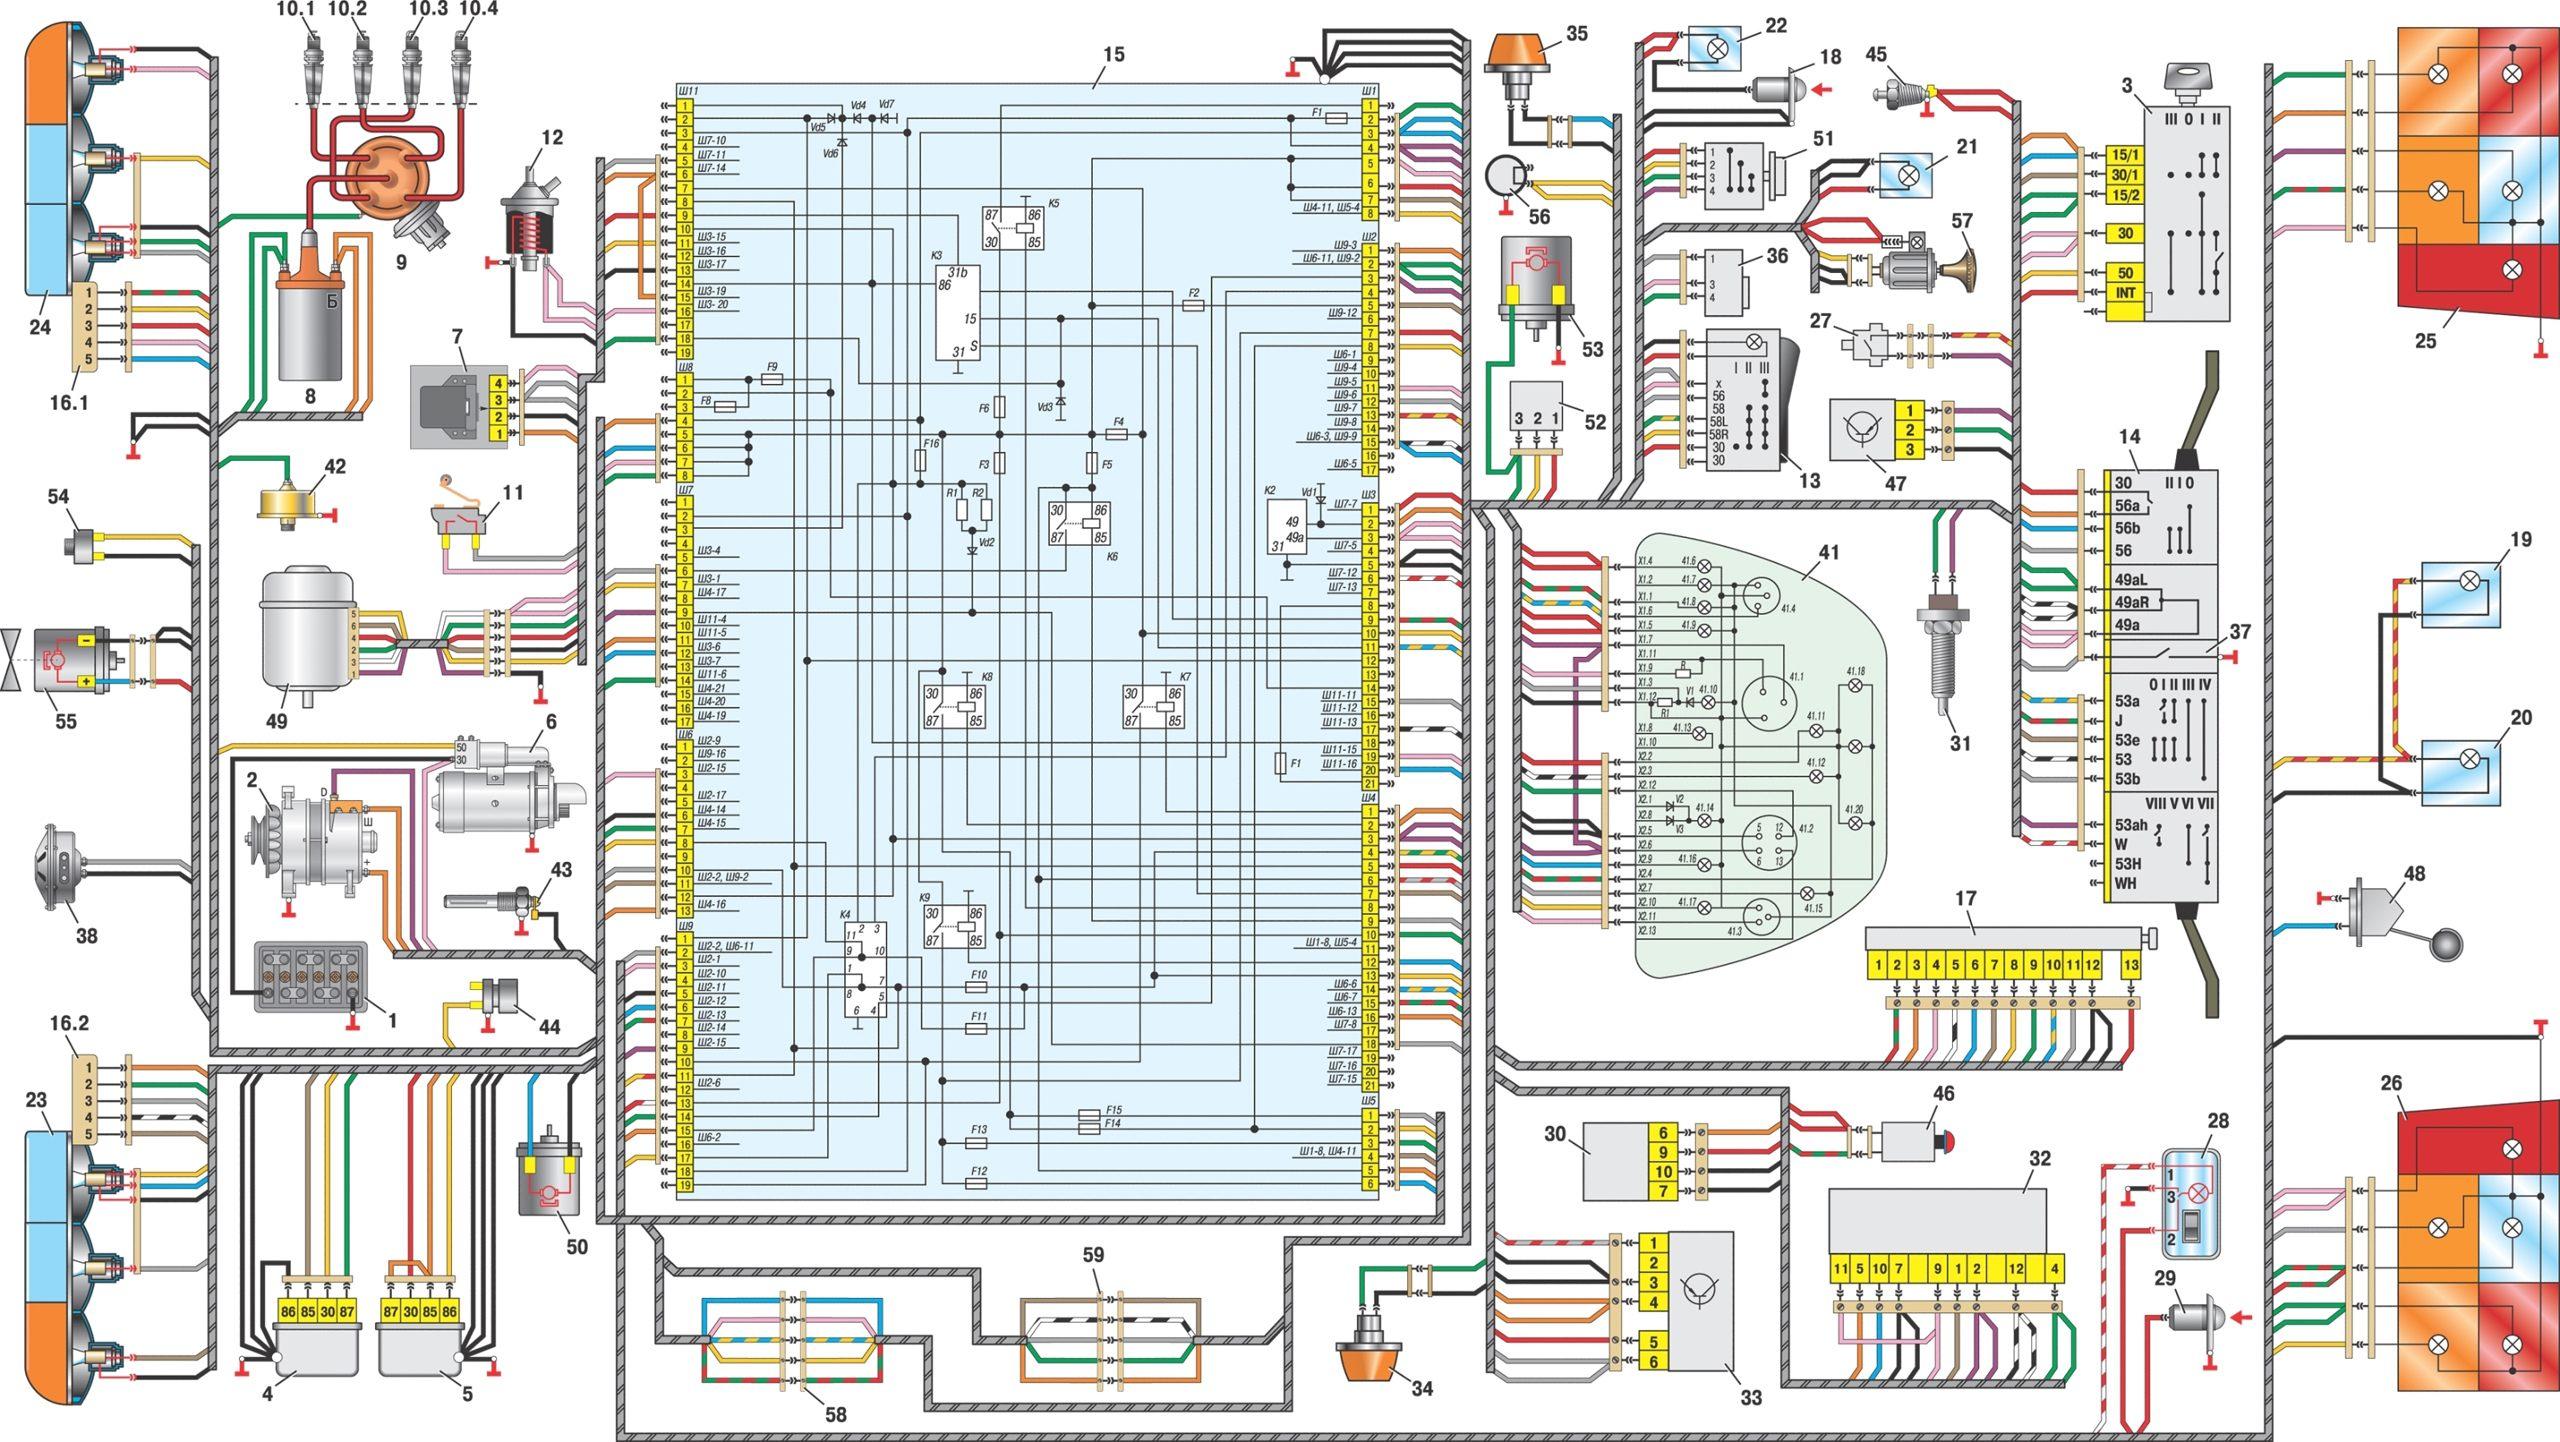 Бензобак иж 2126 схема